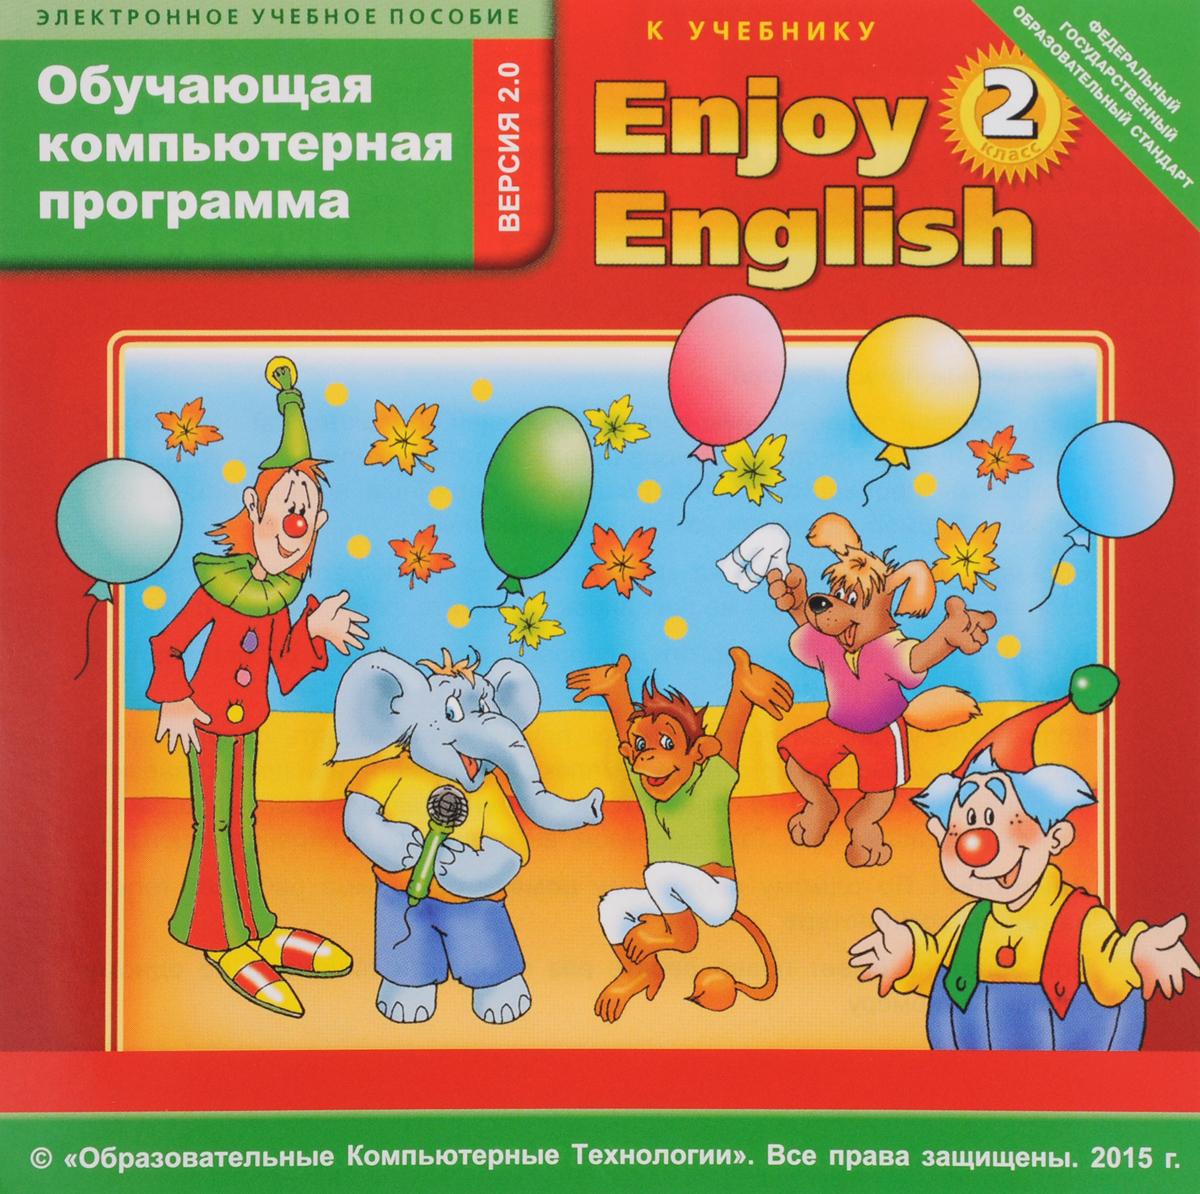 Enjoy English 2 / Английский с удовольствием. 2 класс. Обучающая компьютерная программа